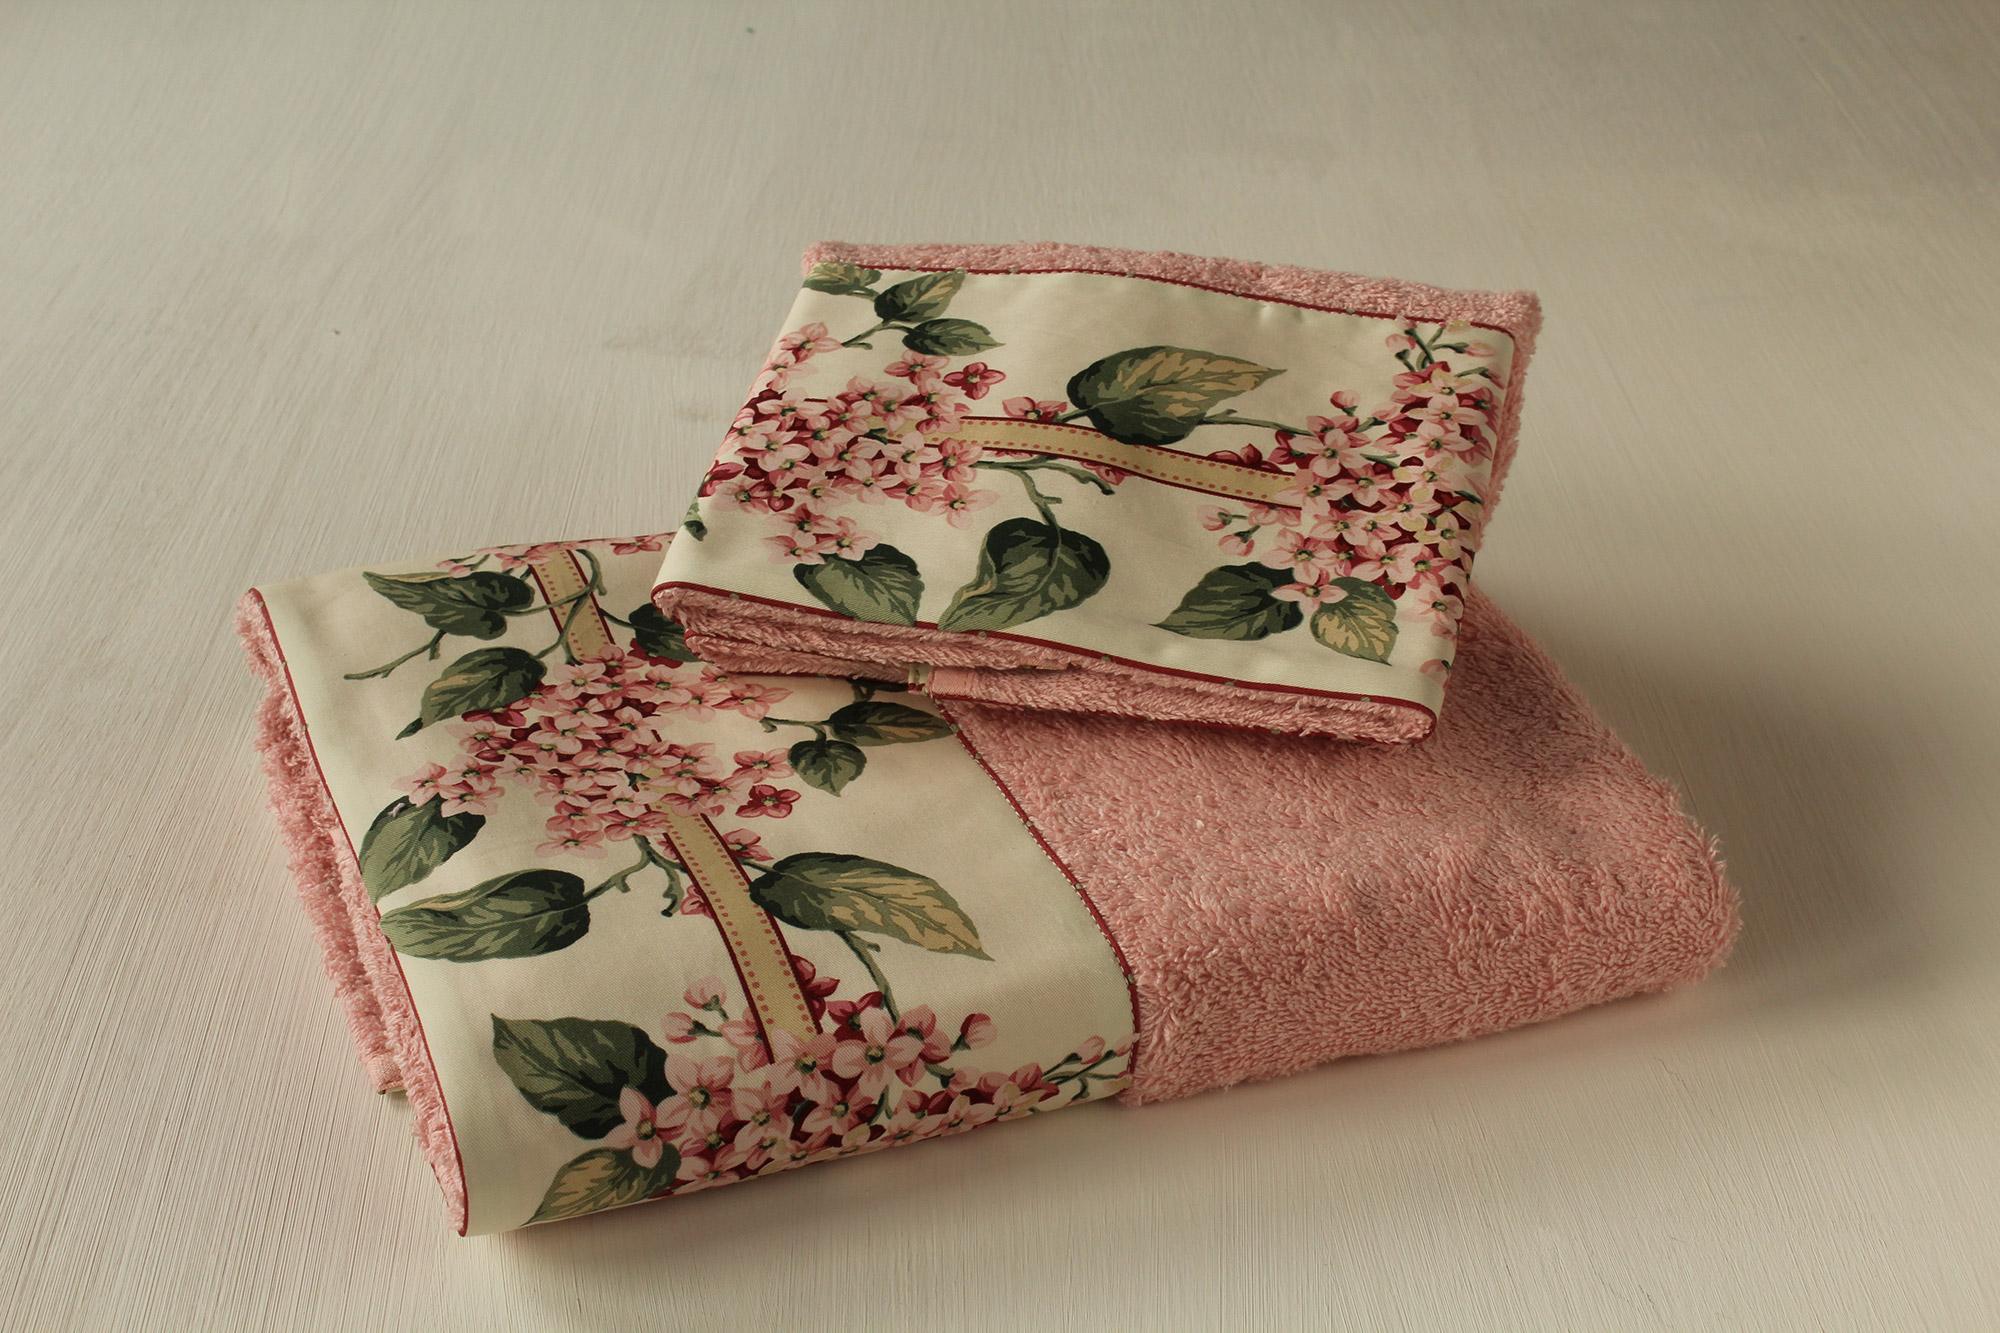 Coppia asciugamani fiori di lill giardino di rose biancheria per la casa online tovaglie - Tovaglie da bagno ...